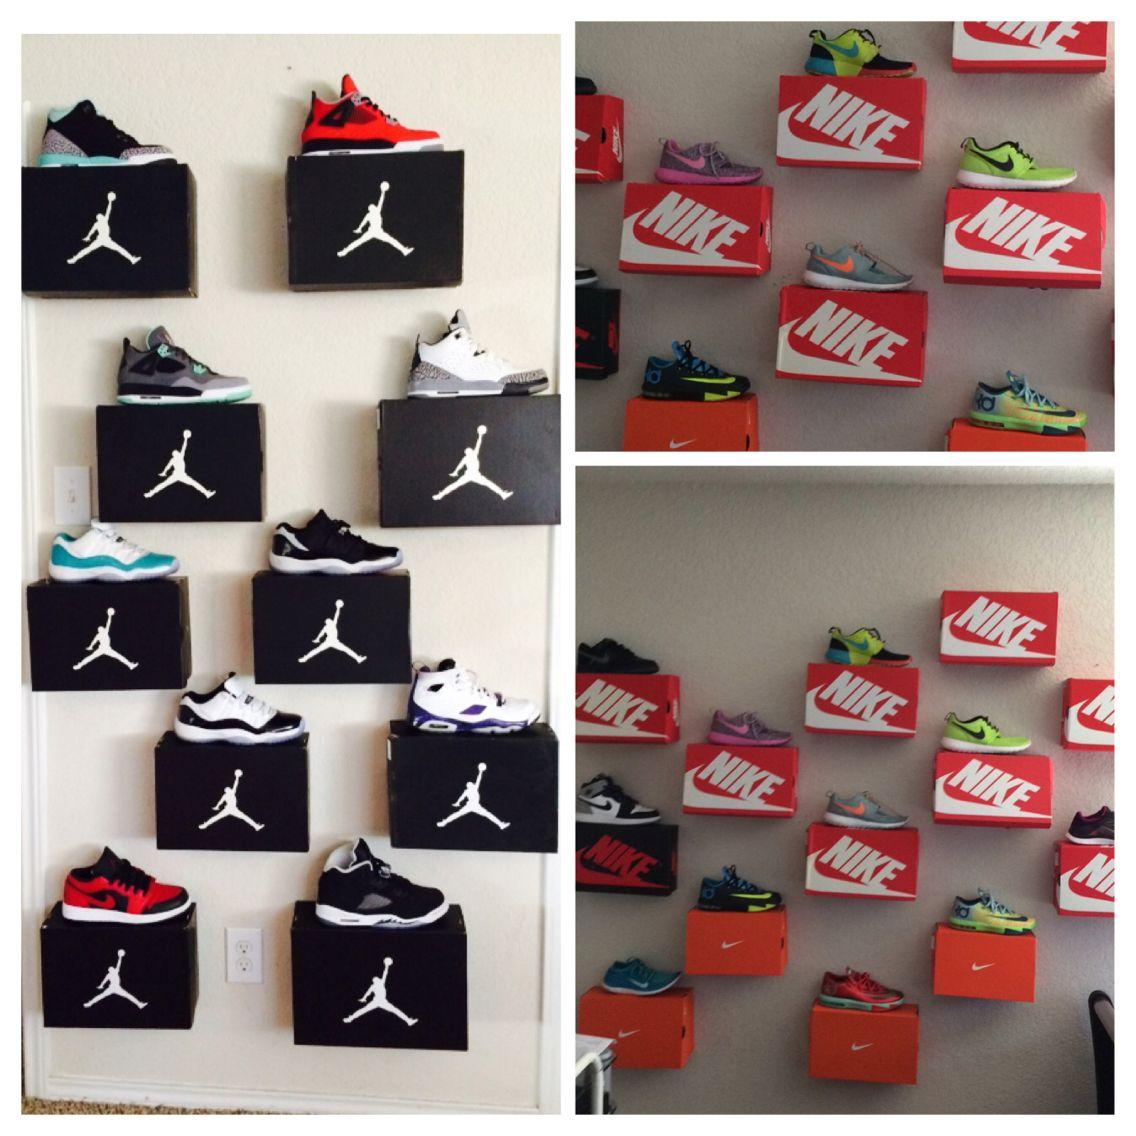 Shoe Box Shelves All You Need Is 3 4 Thumbtacks A Box Holiday Decor Box Shelves Shoe Box